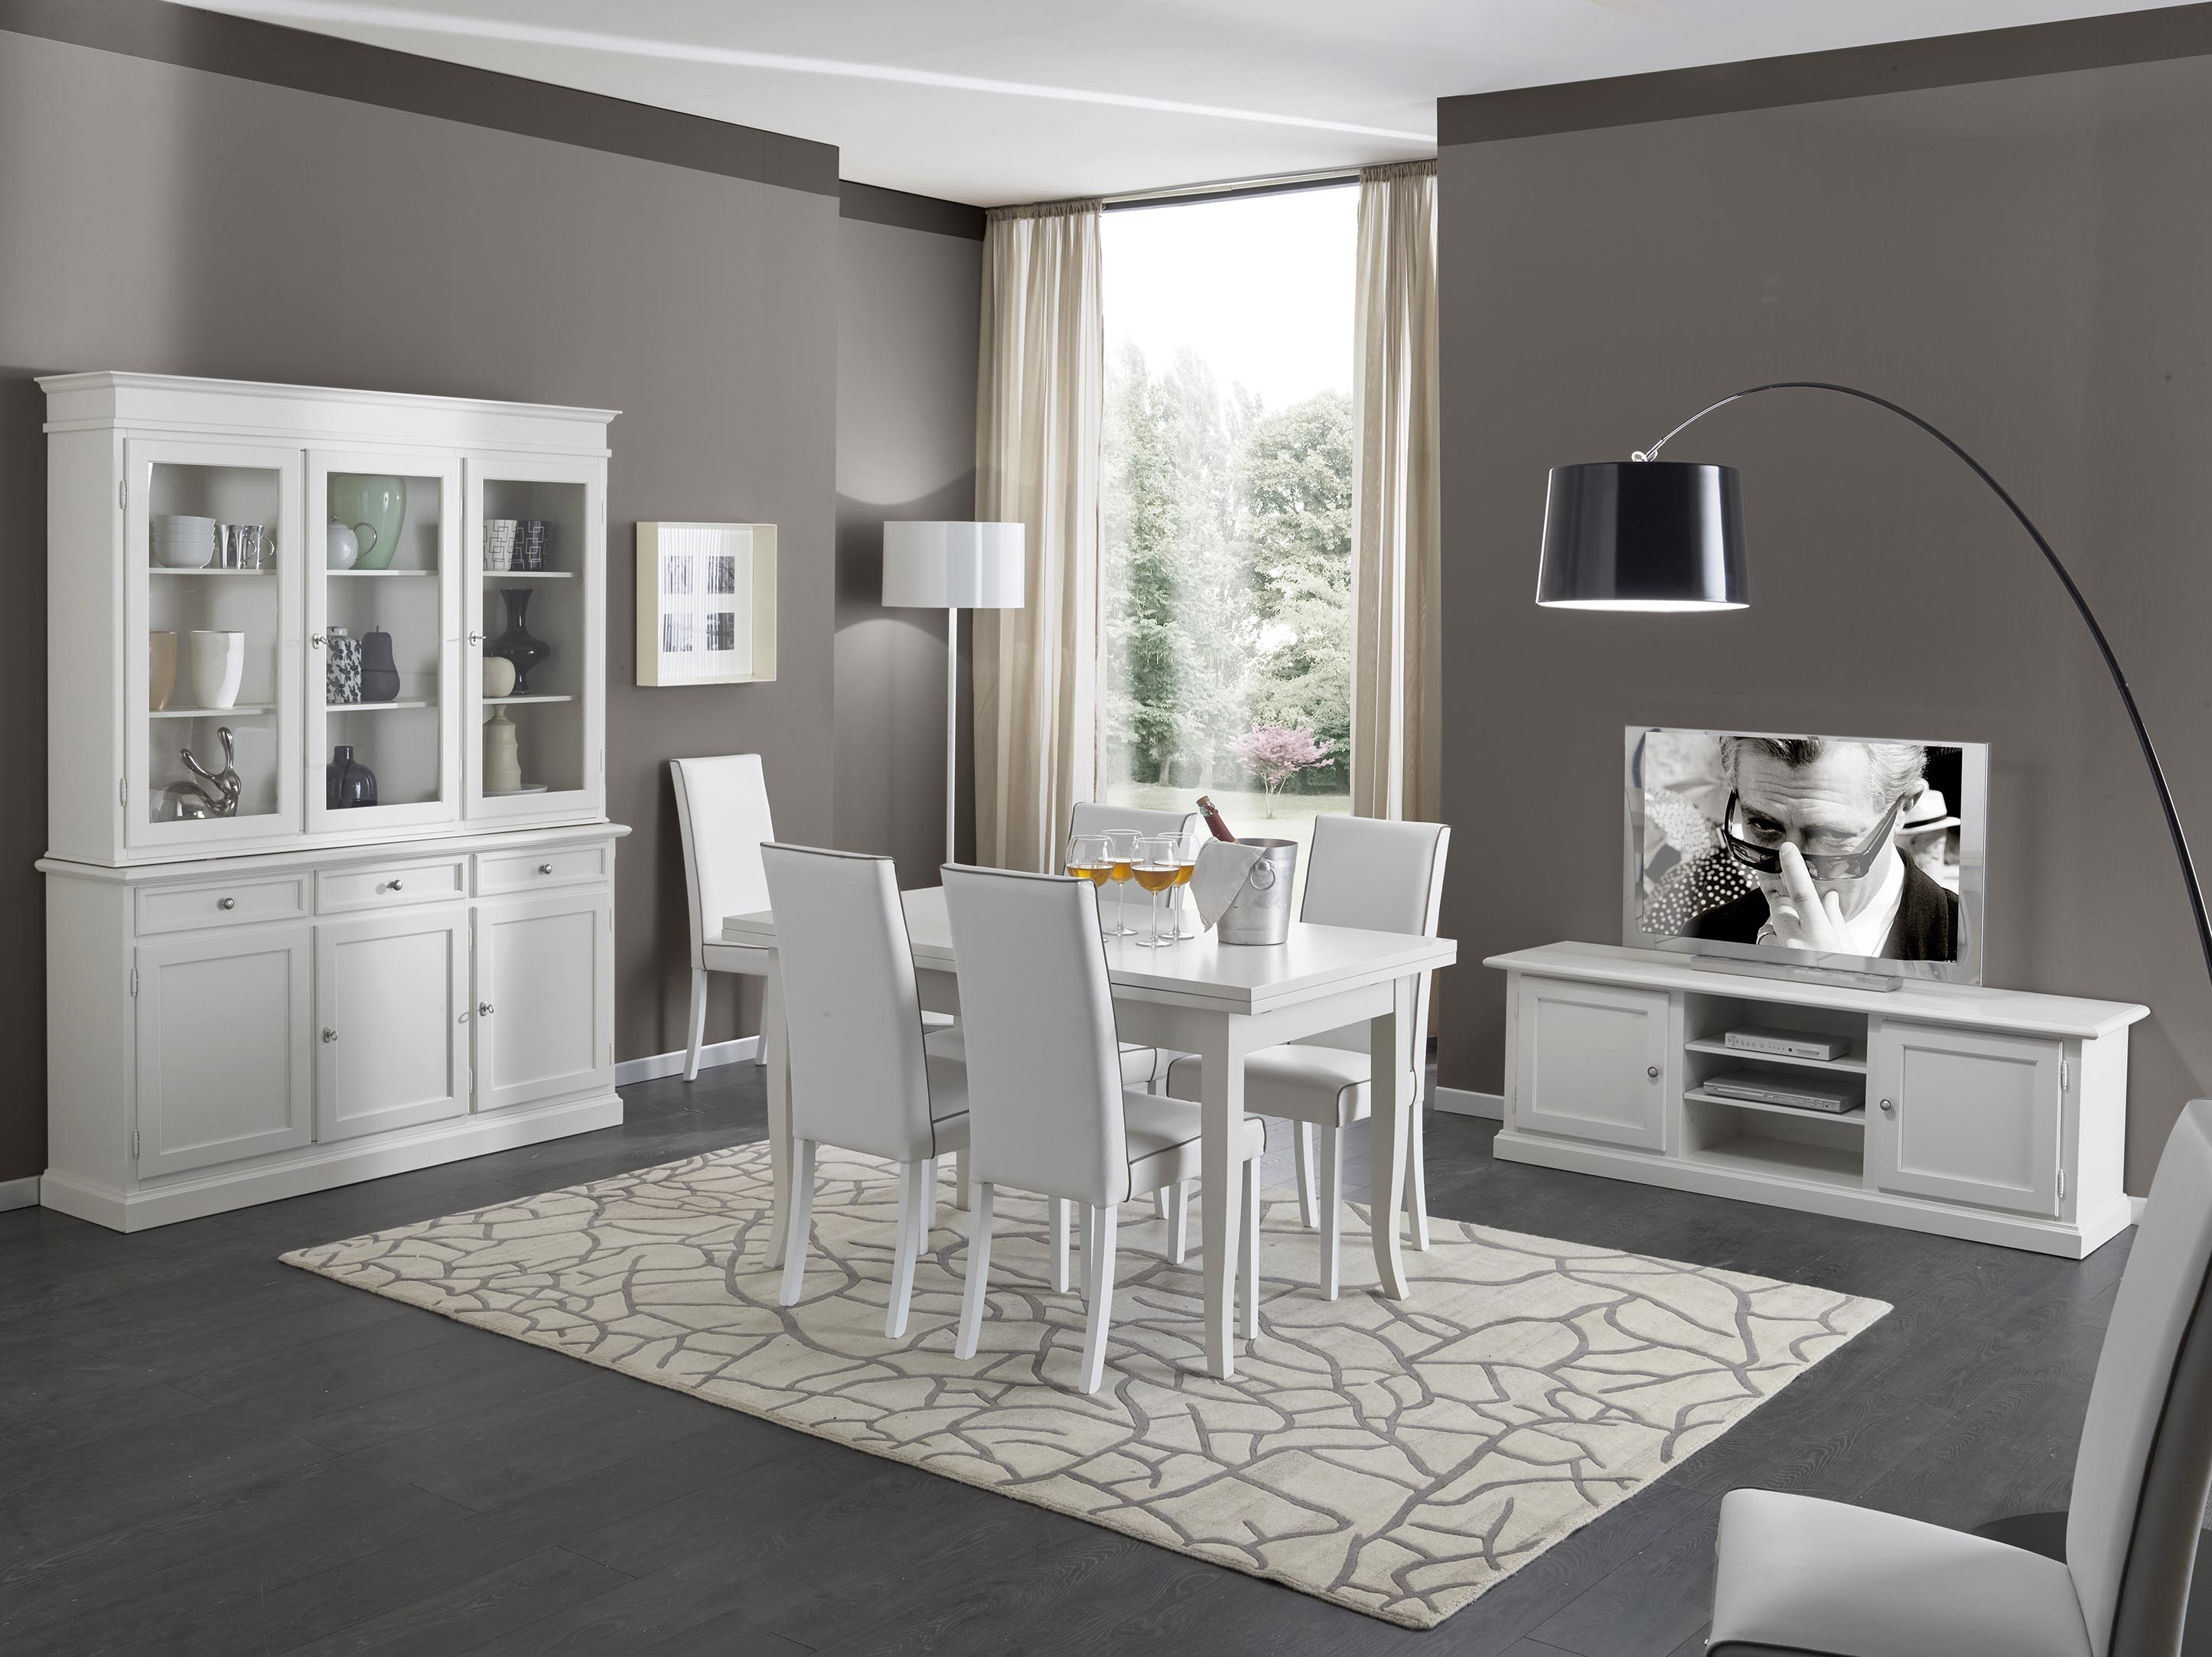 Soggiorno in legno bianco con tavolo sedie mobile tv e for Tavoli bianchi moderni